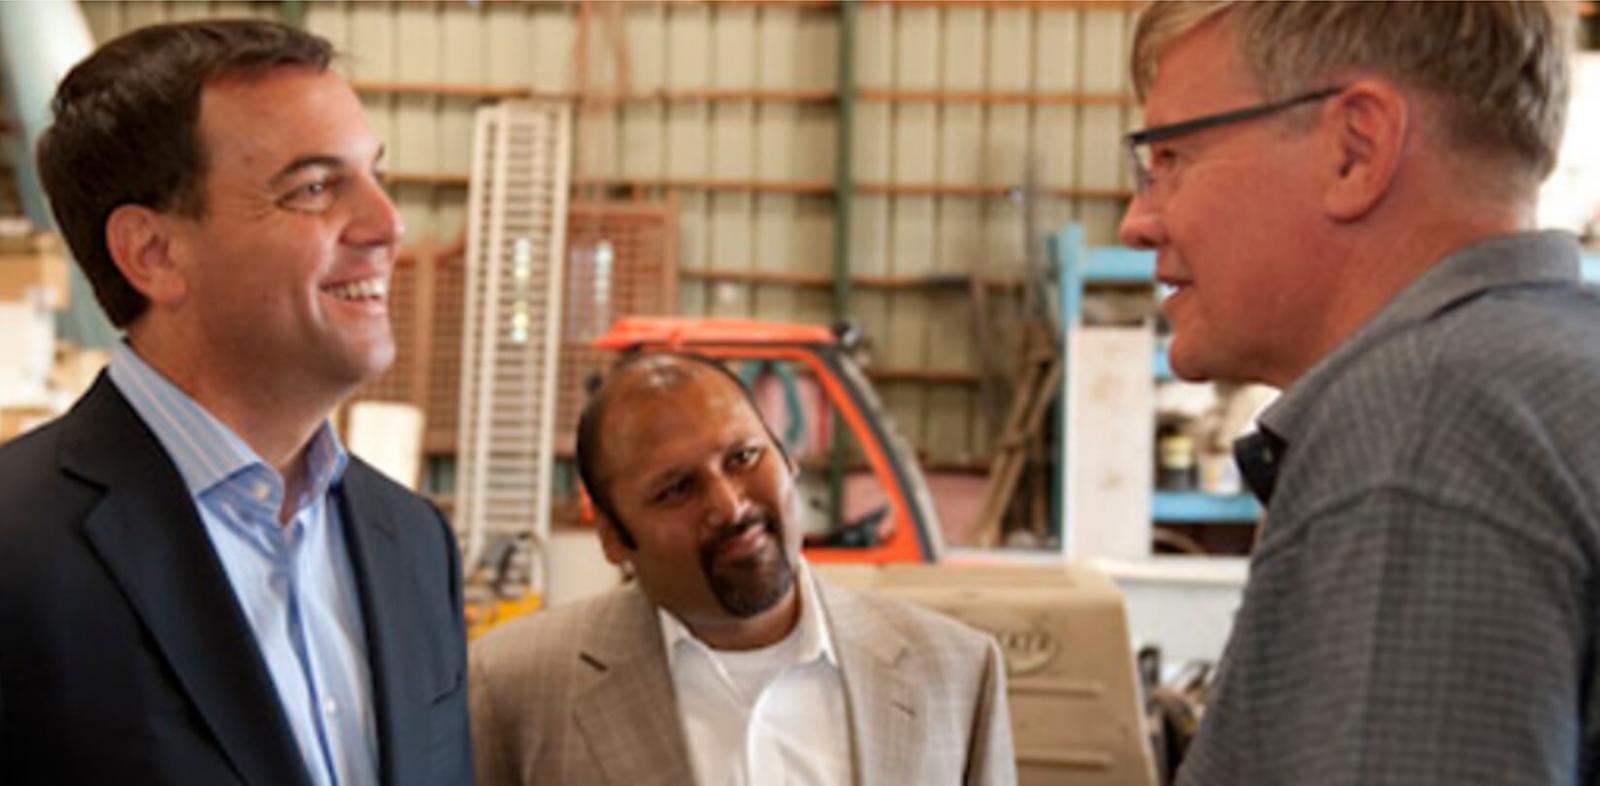 Conservative leader visits LO member